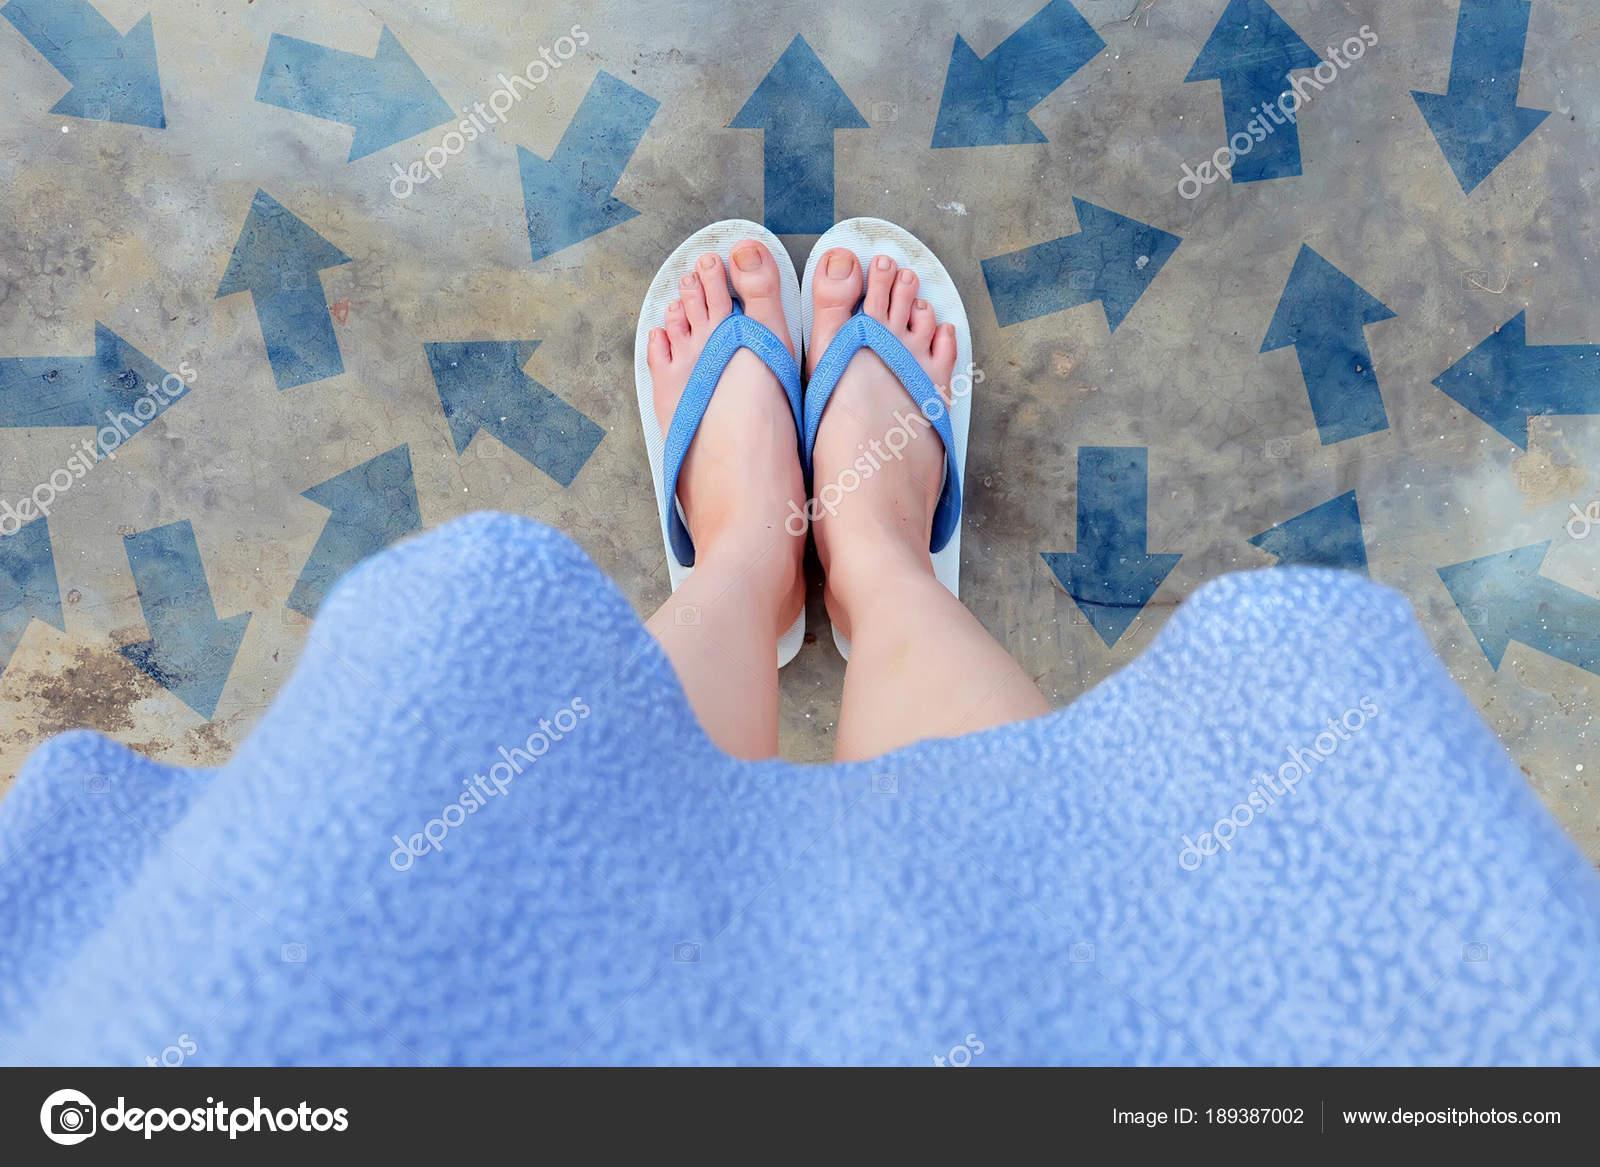 В голубом платье на бетонном полу